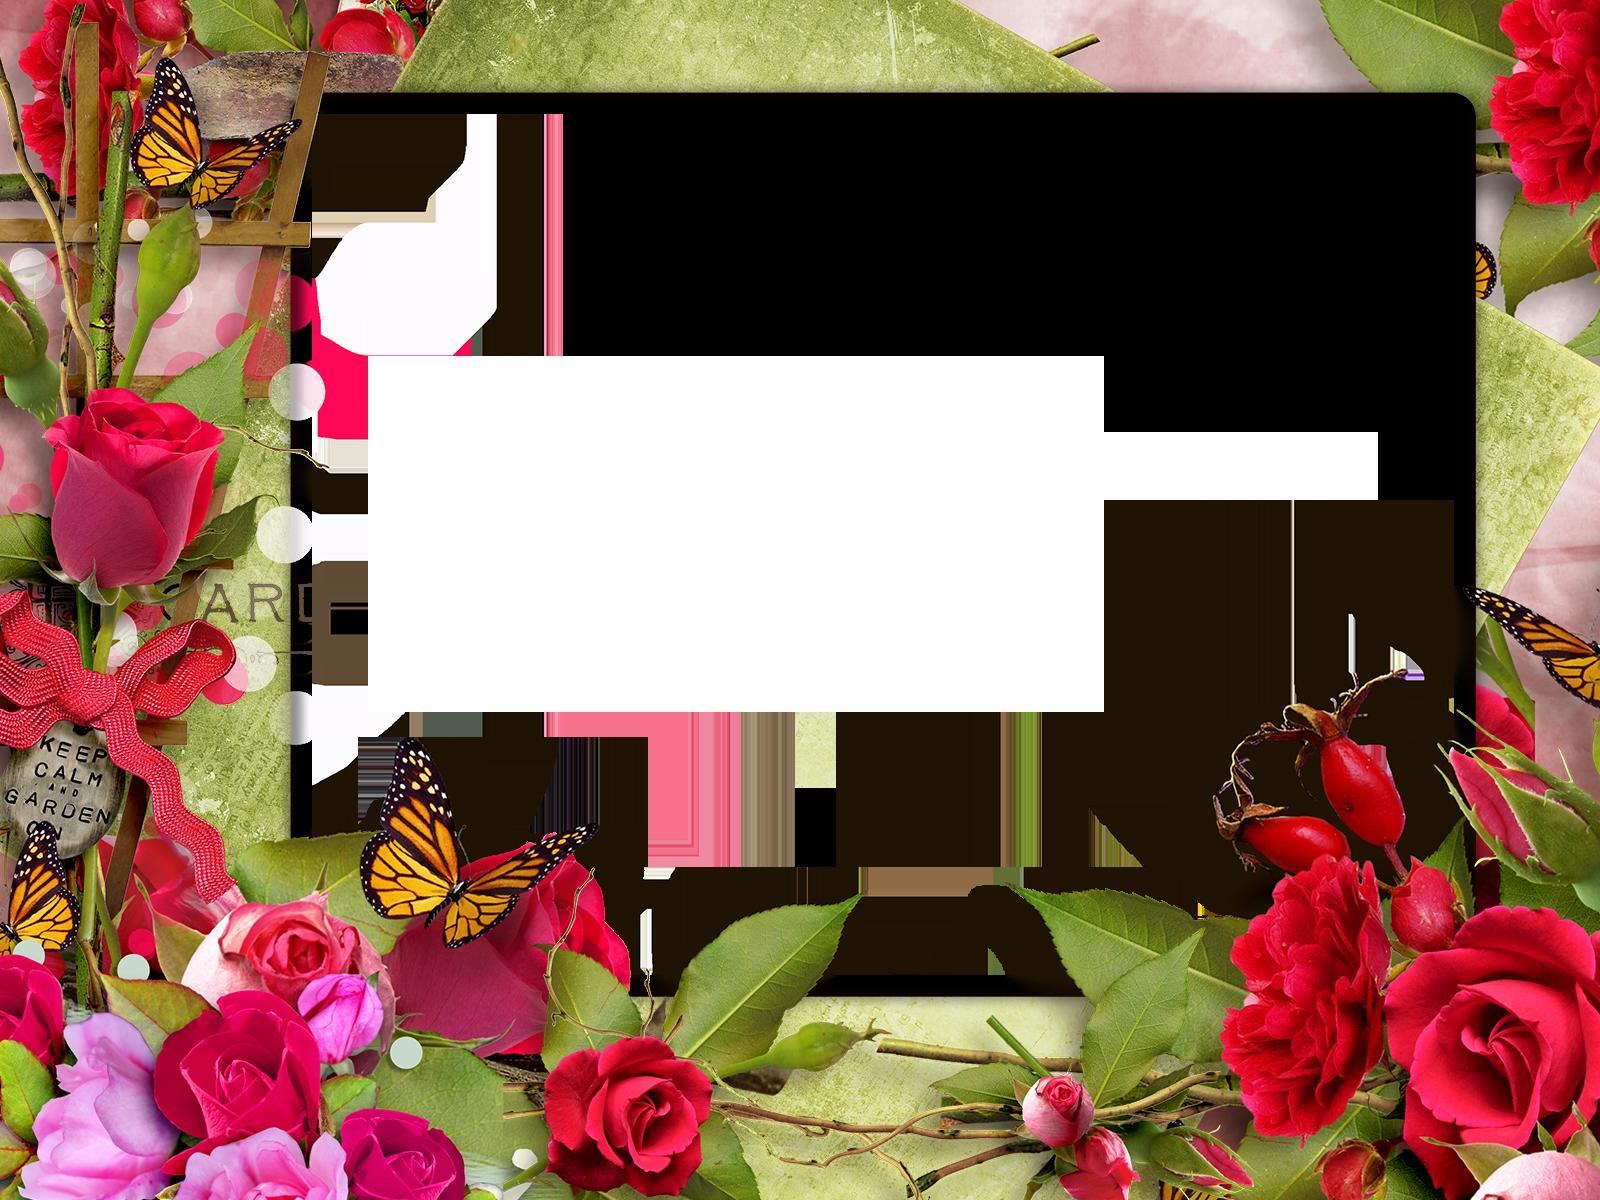 считают, красивая рамка для фото из цветов тогда решила